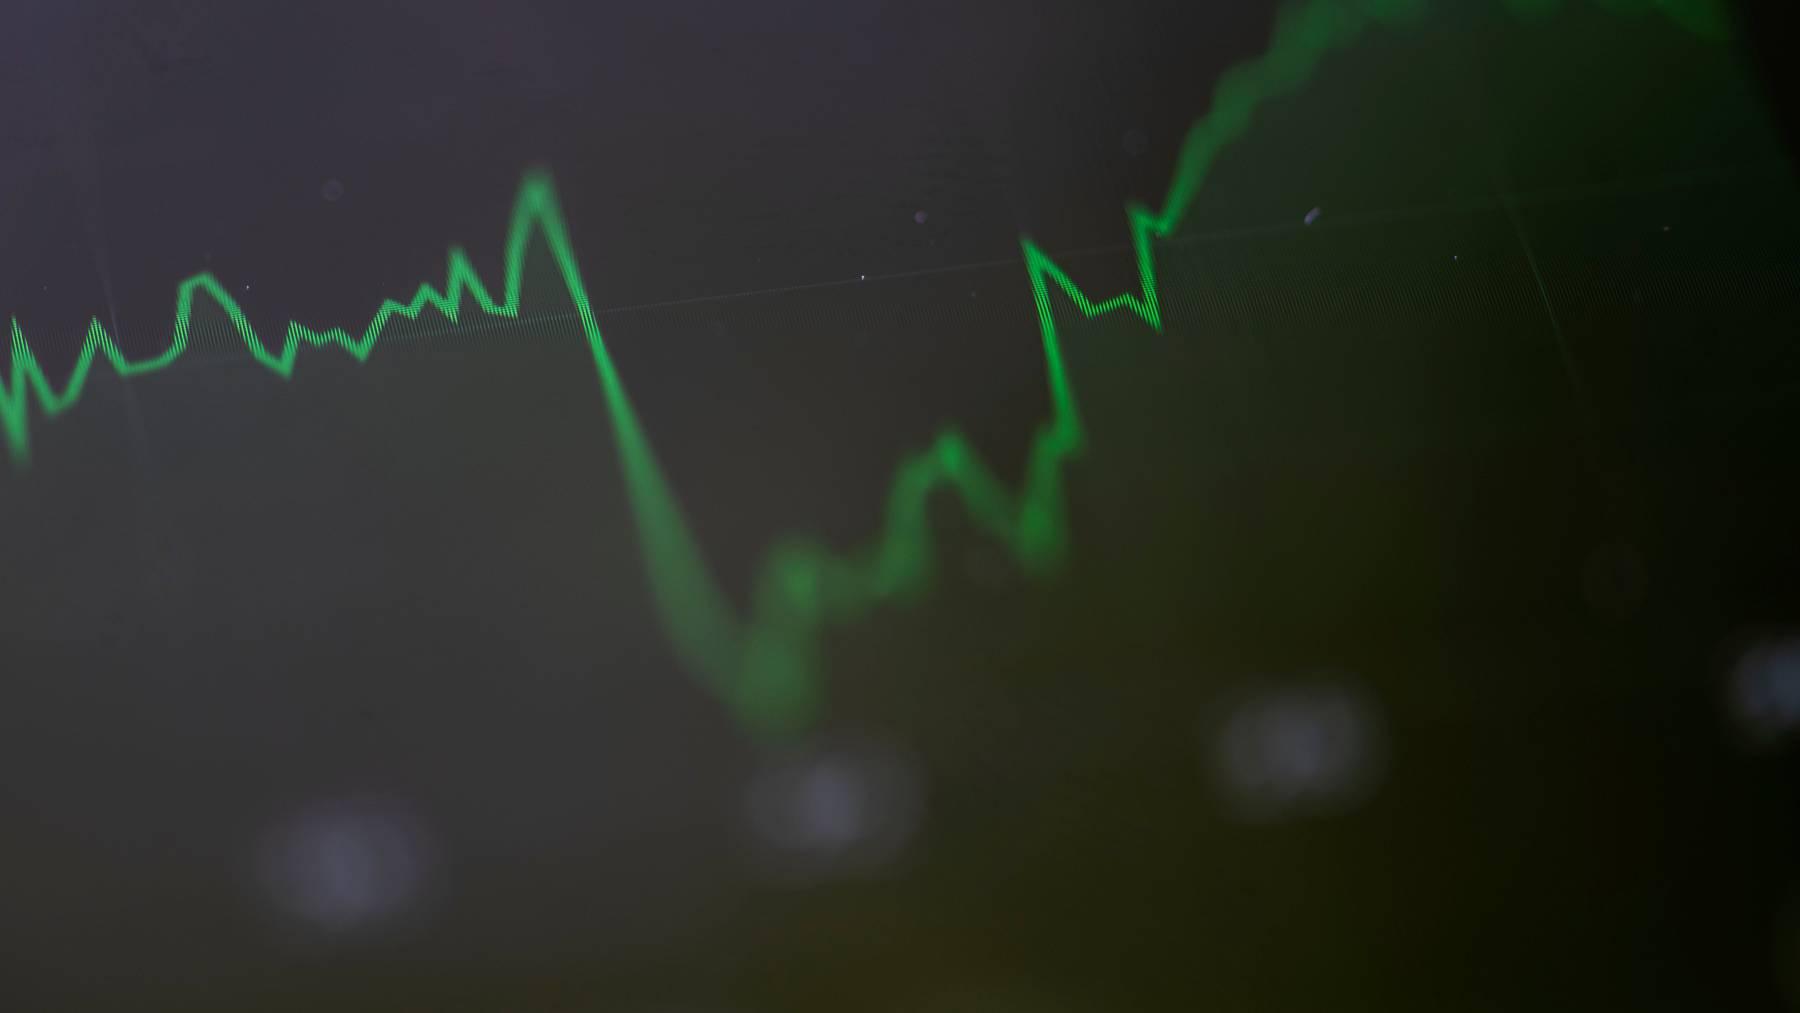 Ökonomen rechnen mit einem harten Einbruch, aber einer mittelfristigen Erholung.